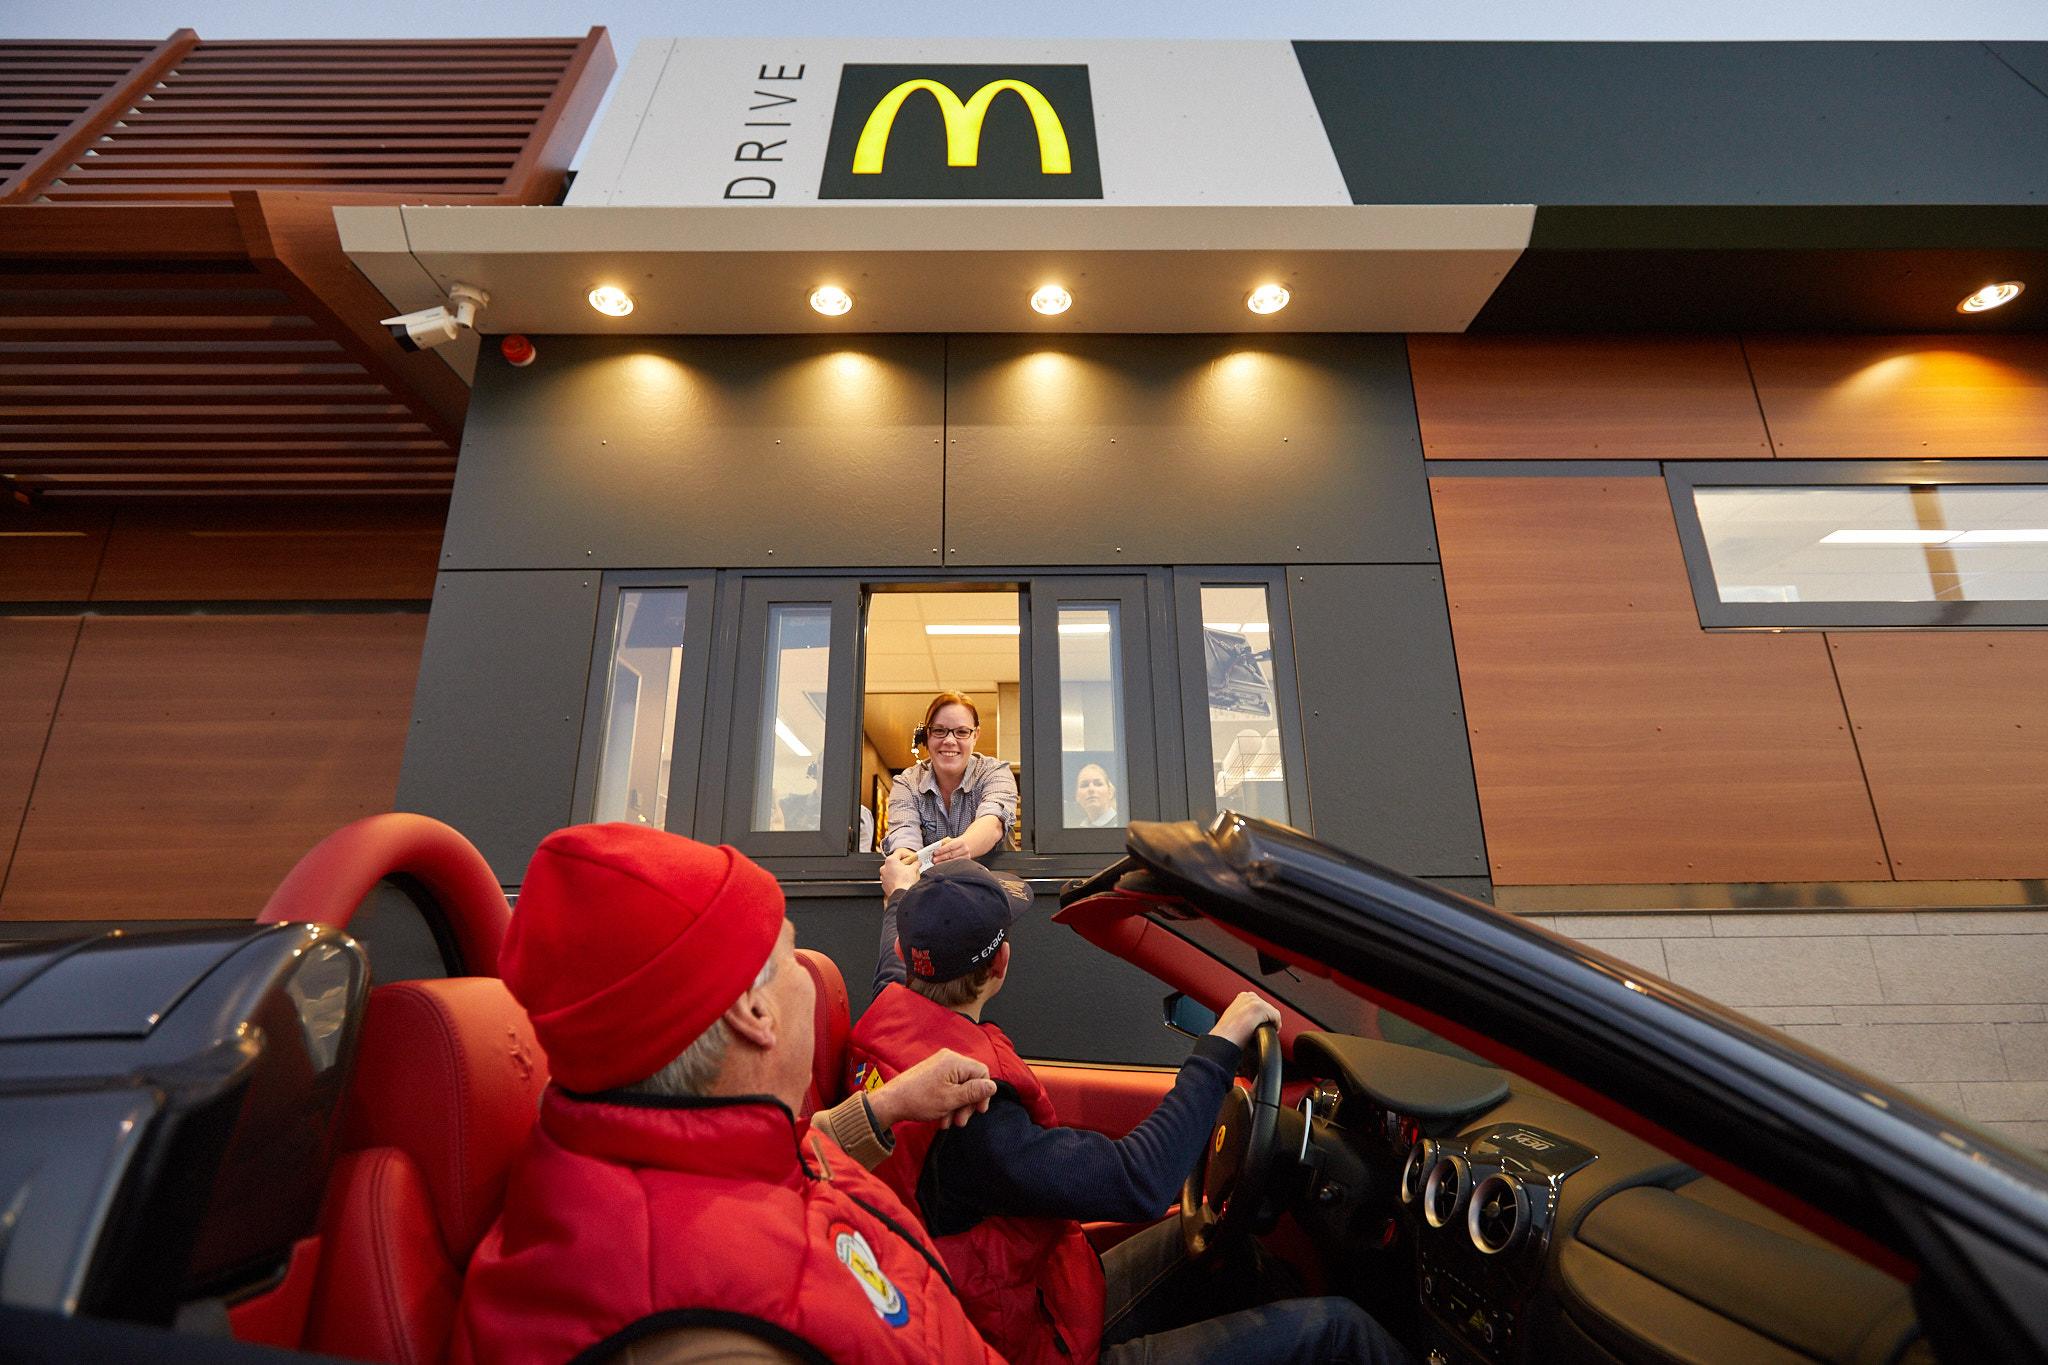 20161129-McDonalds-Maasdijk-145.jpg